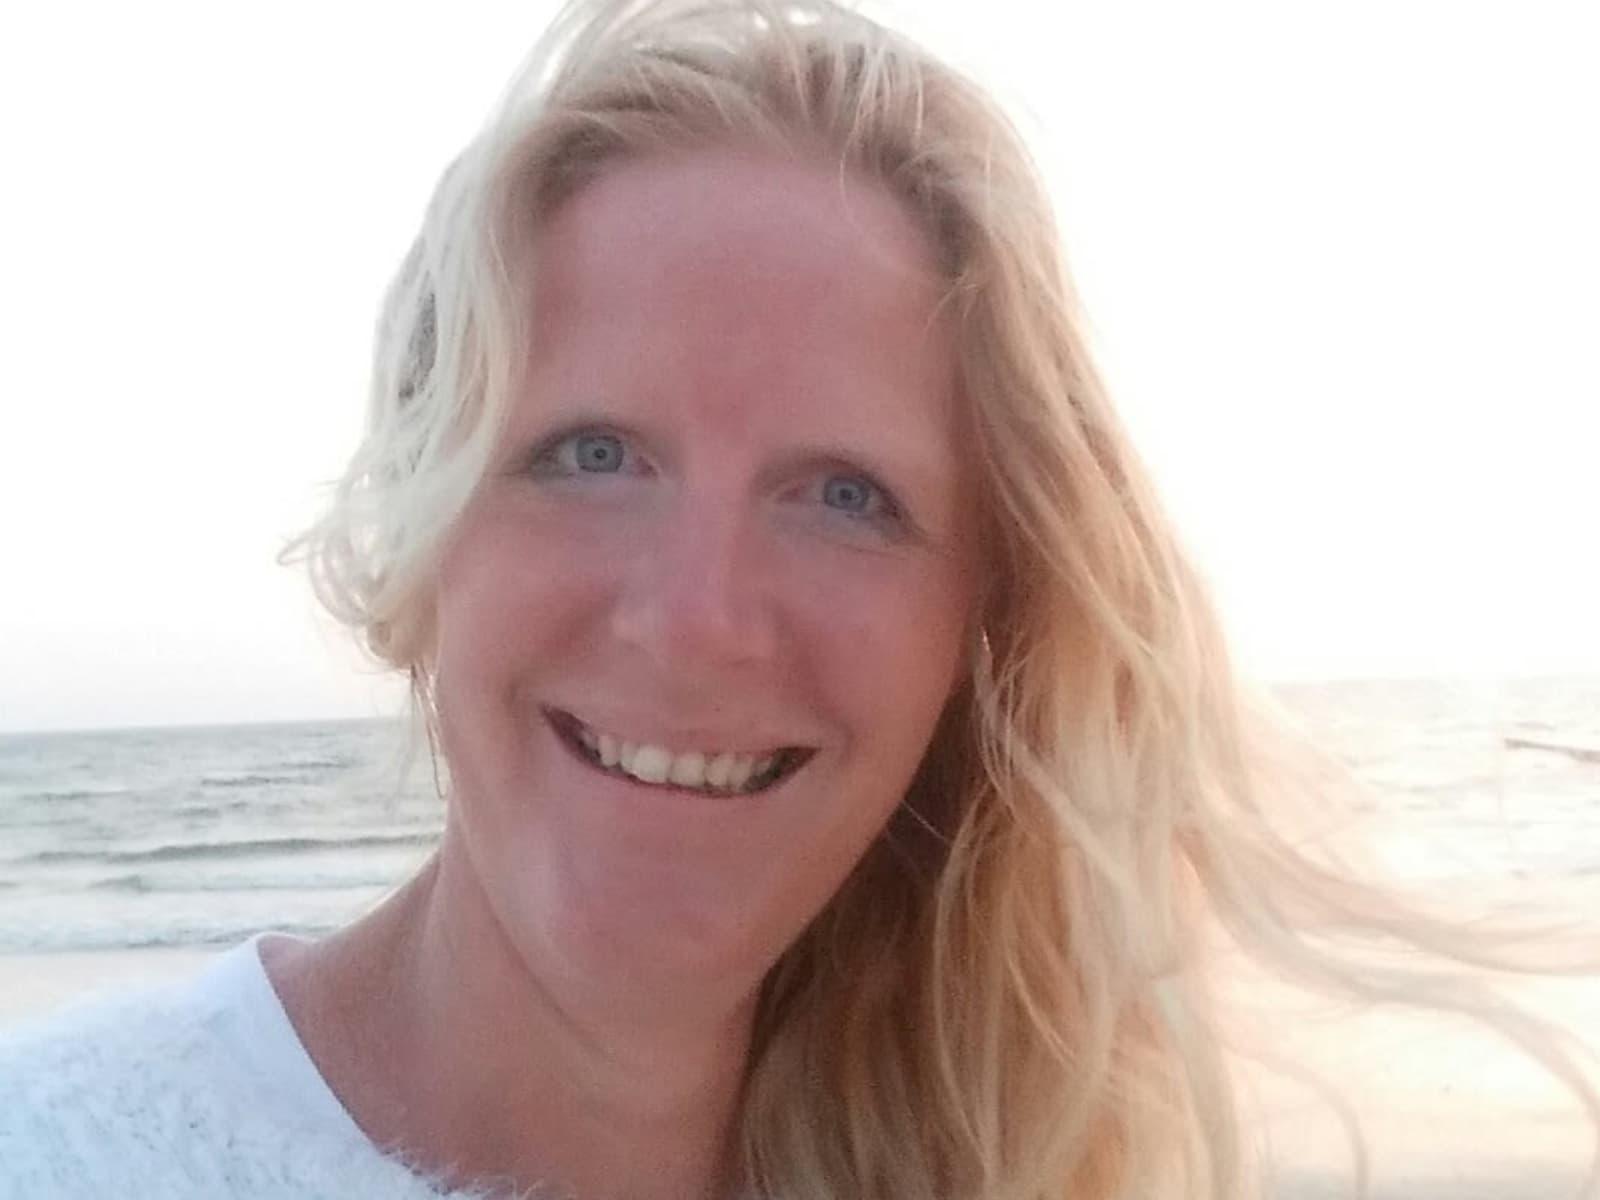 Marina from Sylt-Ost, Germany